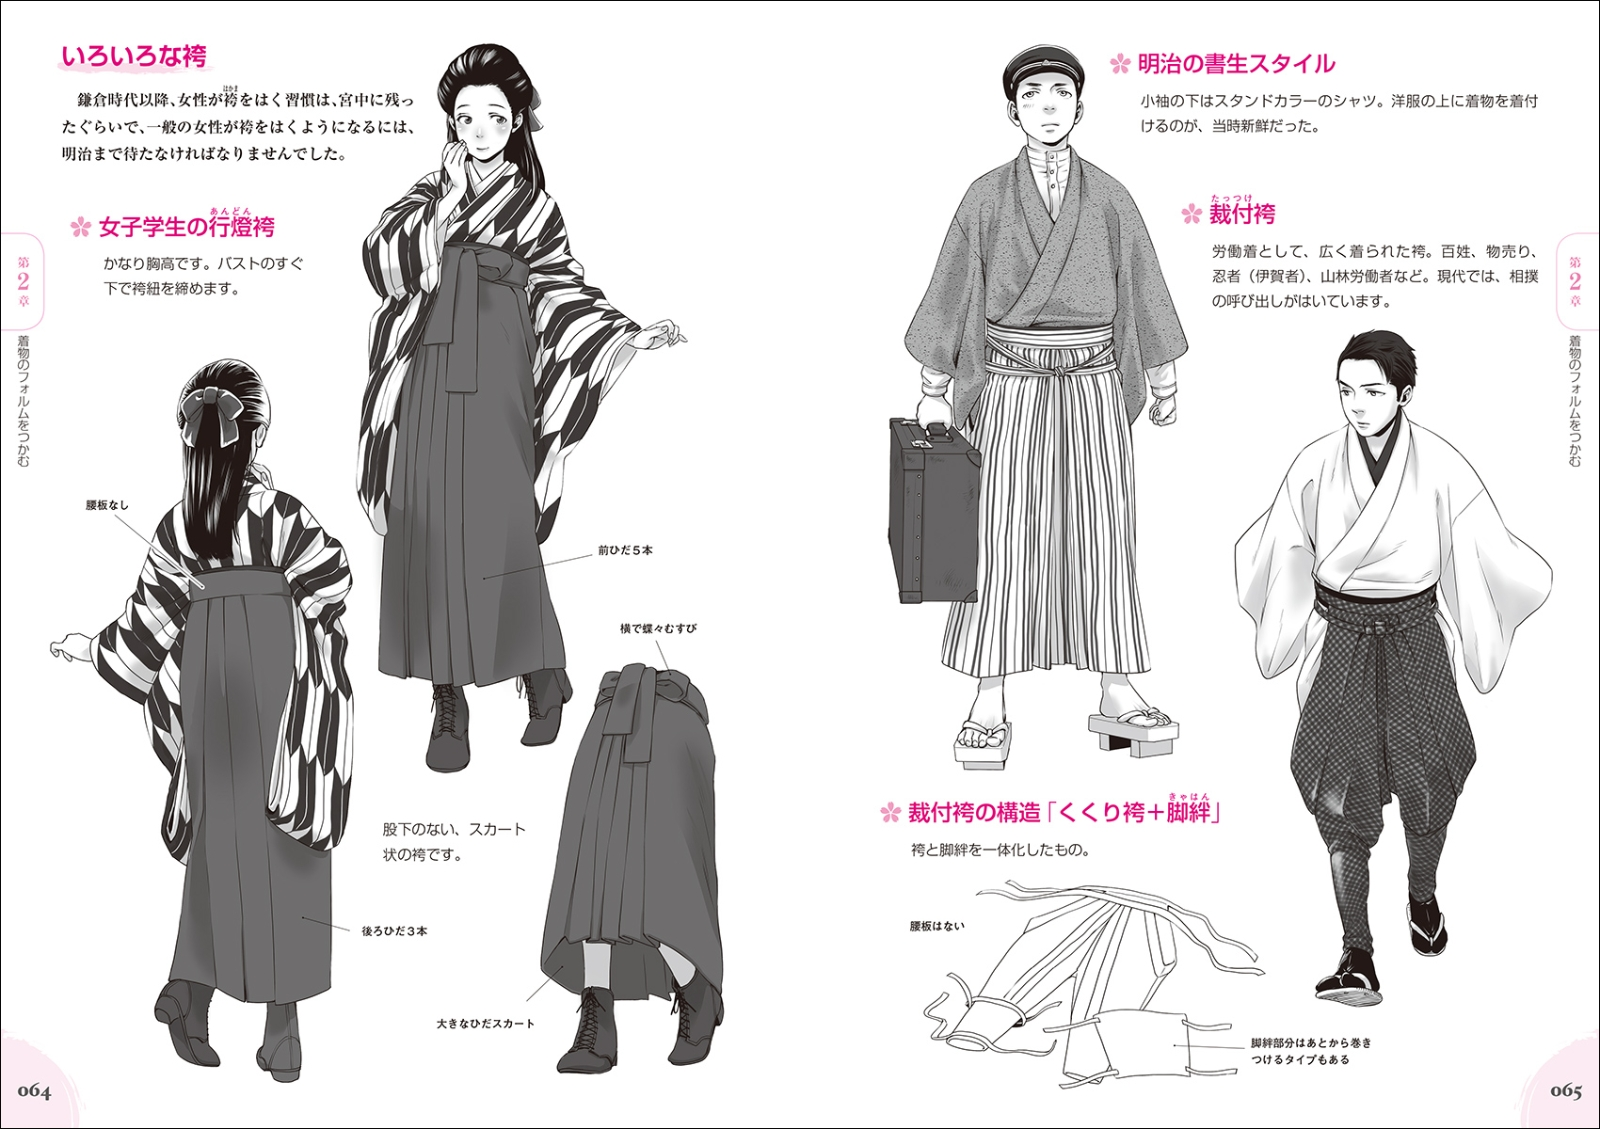 楽天ブックス 完全解説 和装キャラクターの描き方 着物の構造から基本